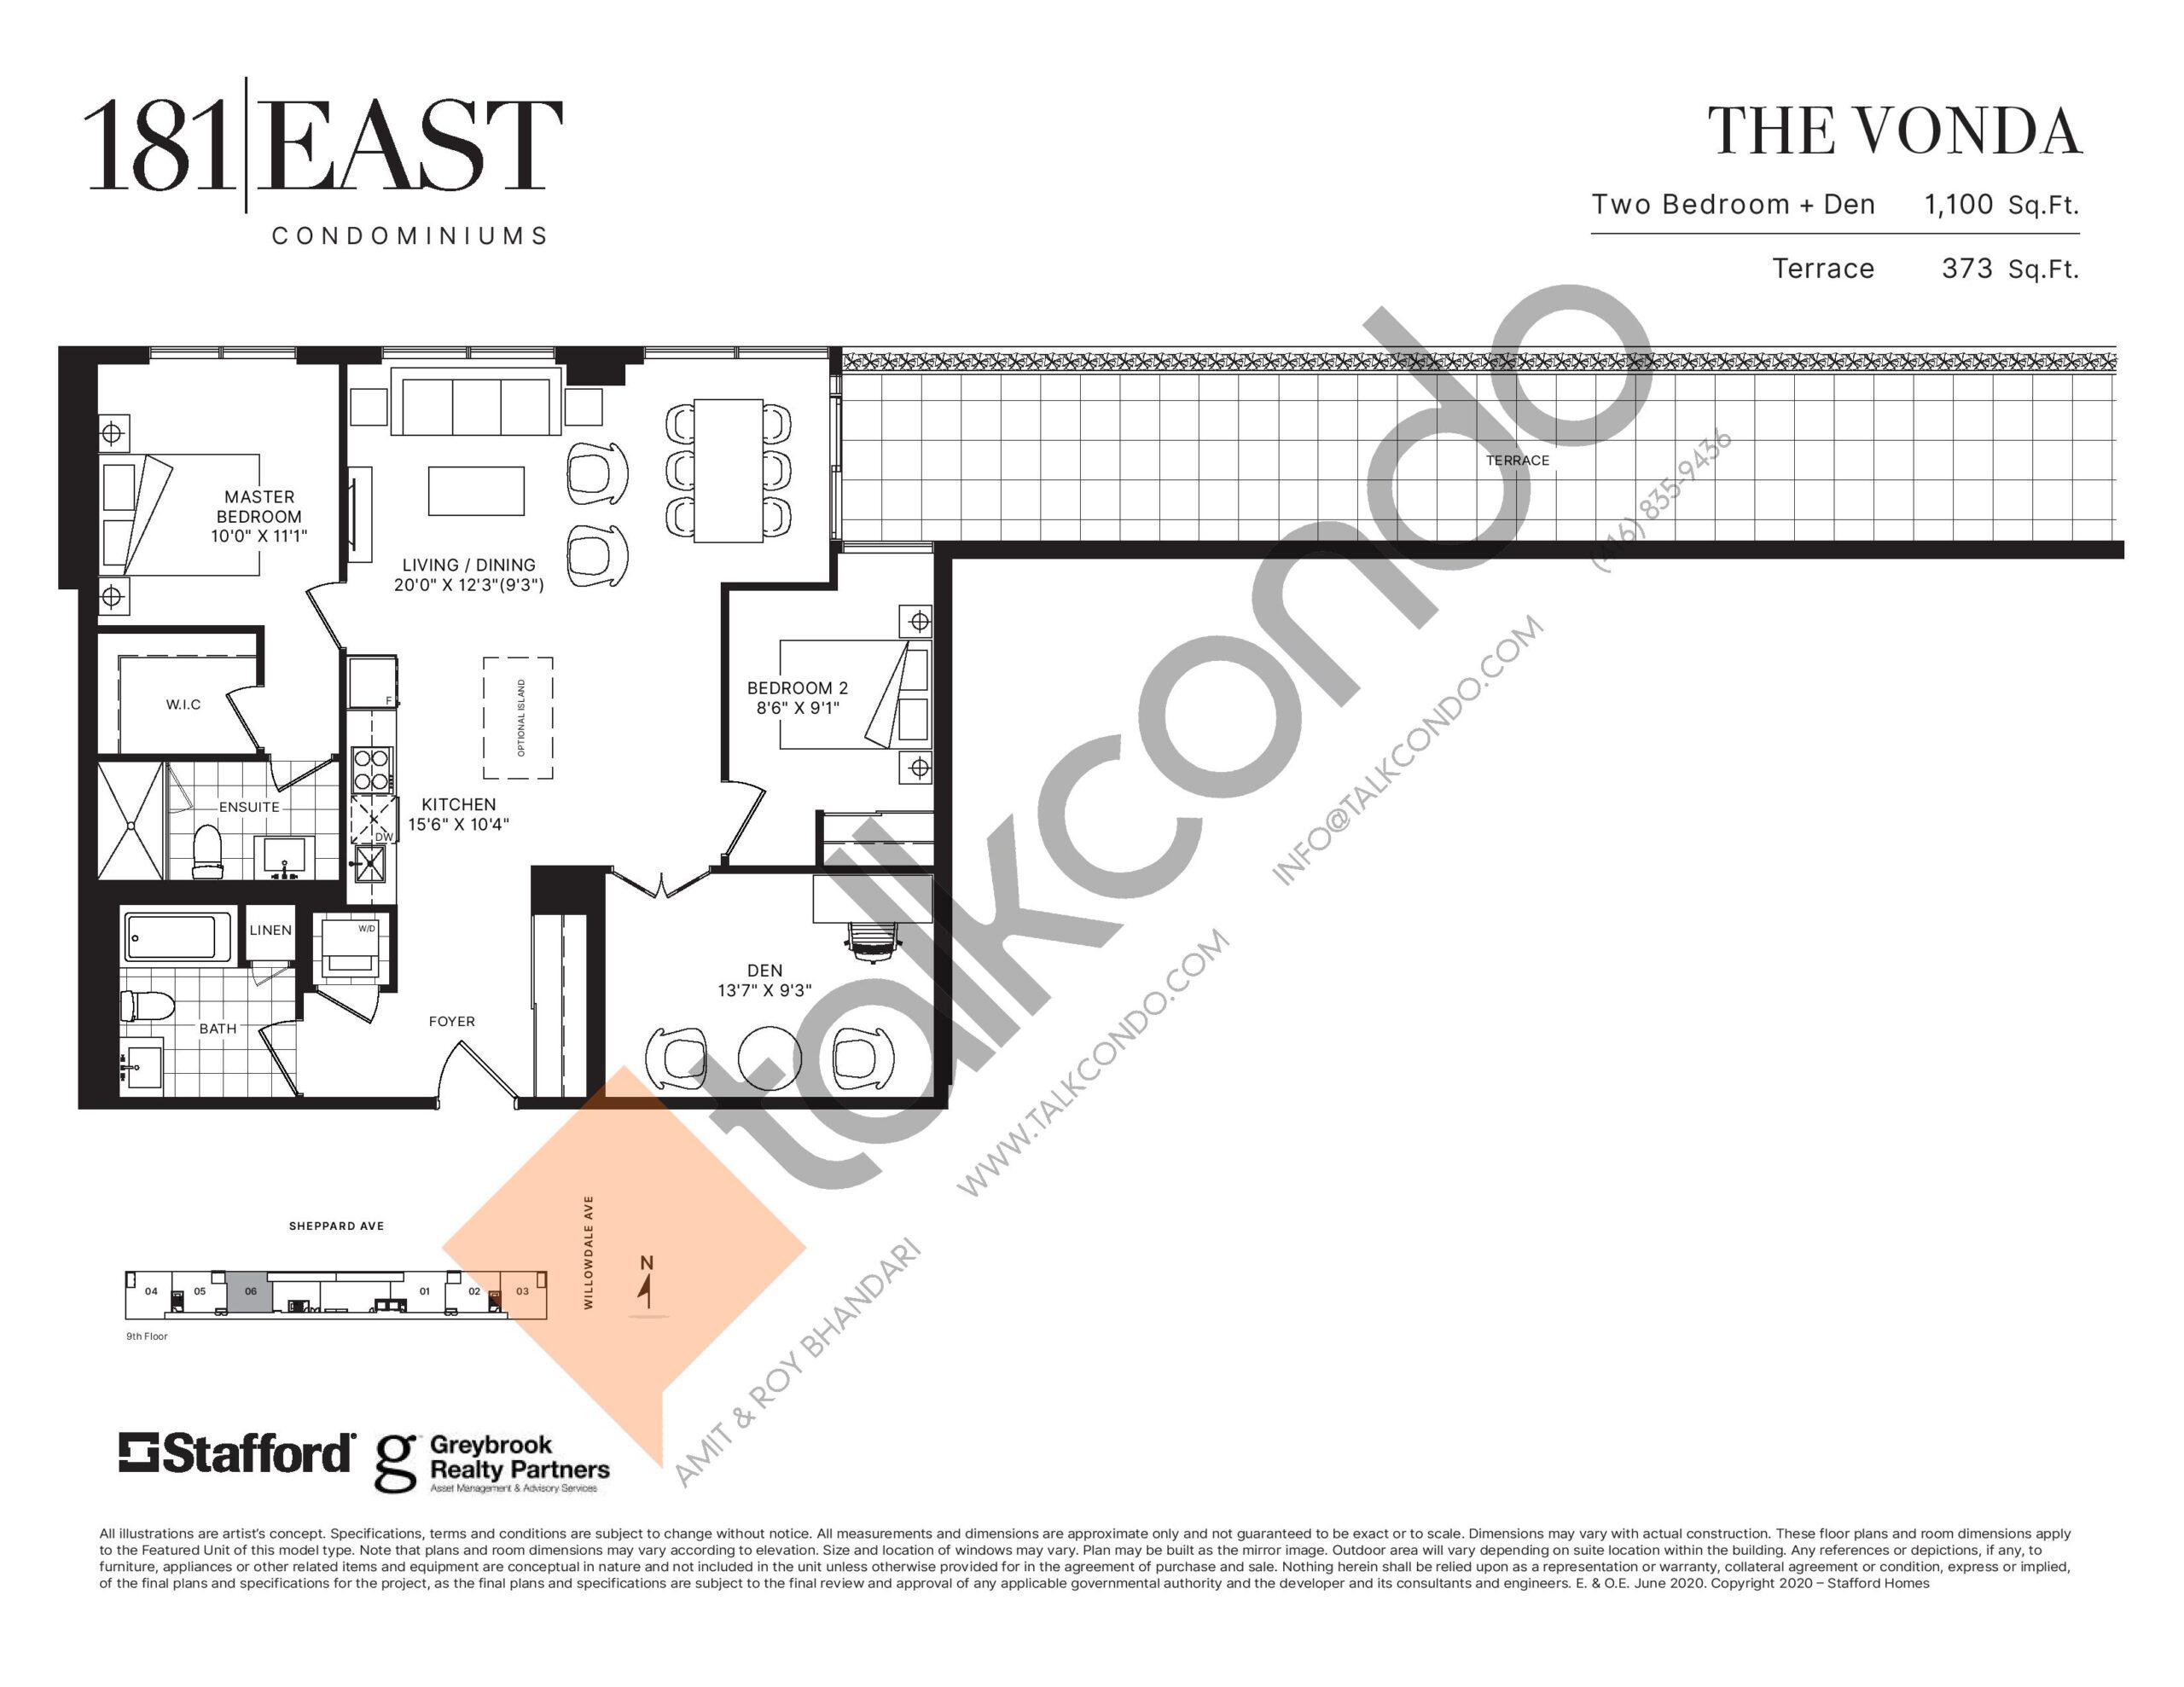 The Vonda Floor Plan at 181 East Condos - 1100 sq.ft